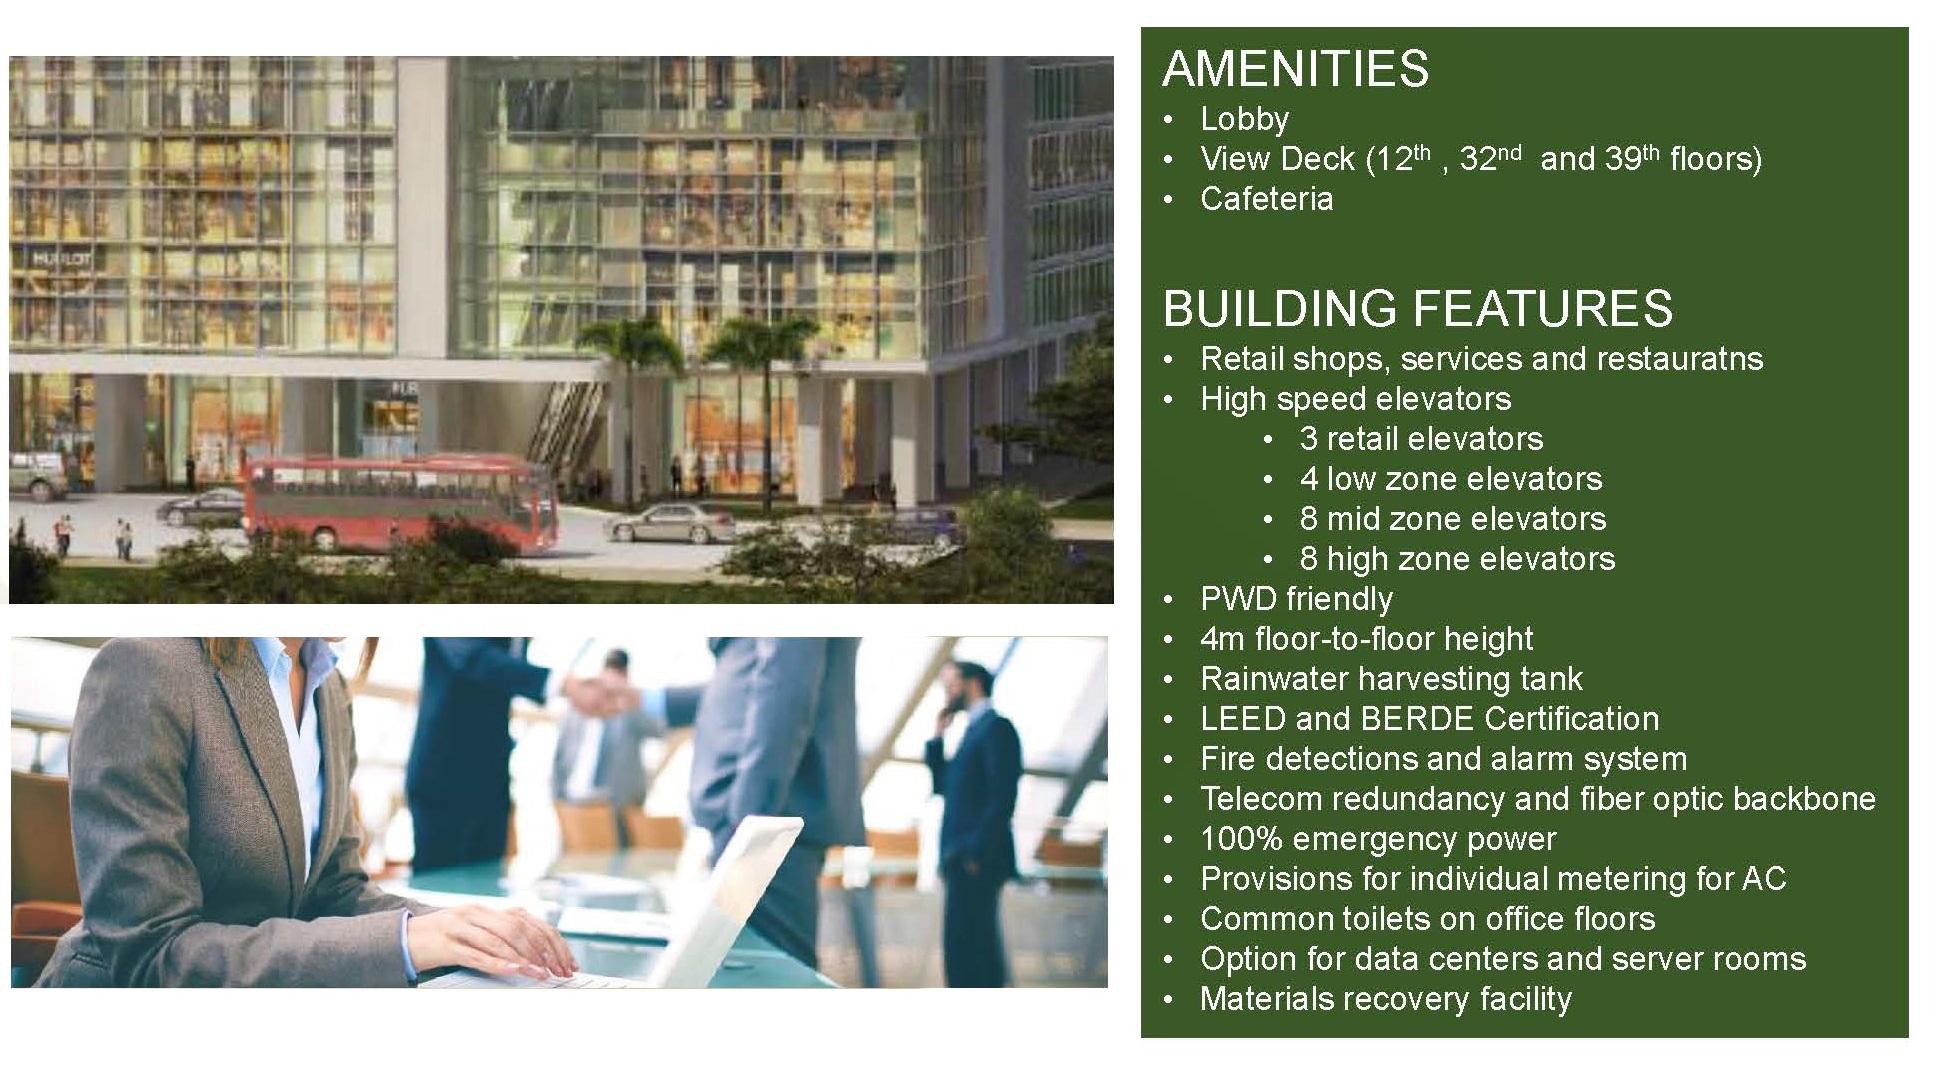 srd53-cebu-exchange-tower-amenities-cebu-grand-realty